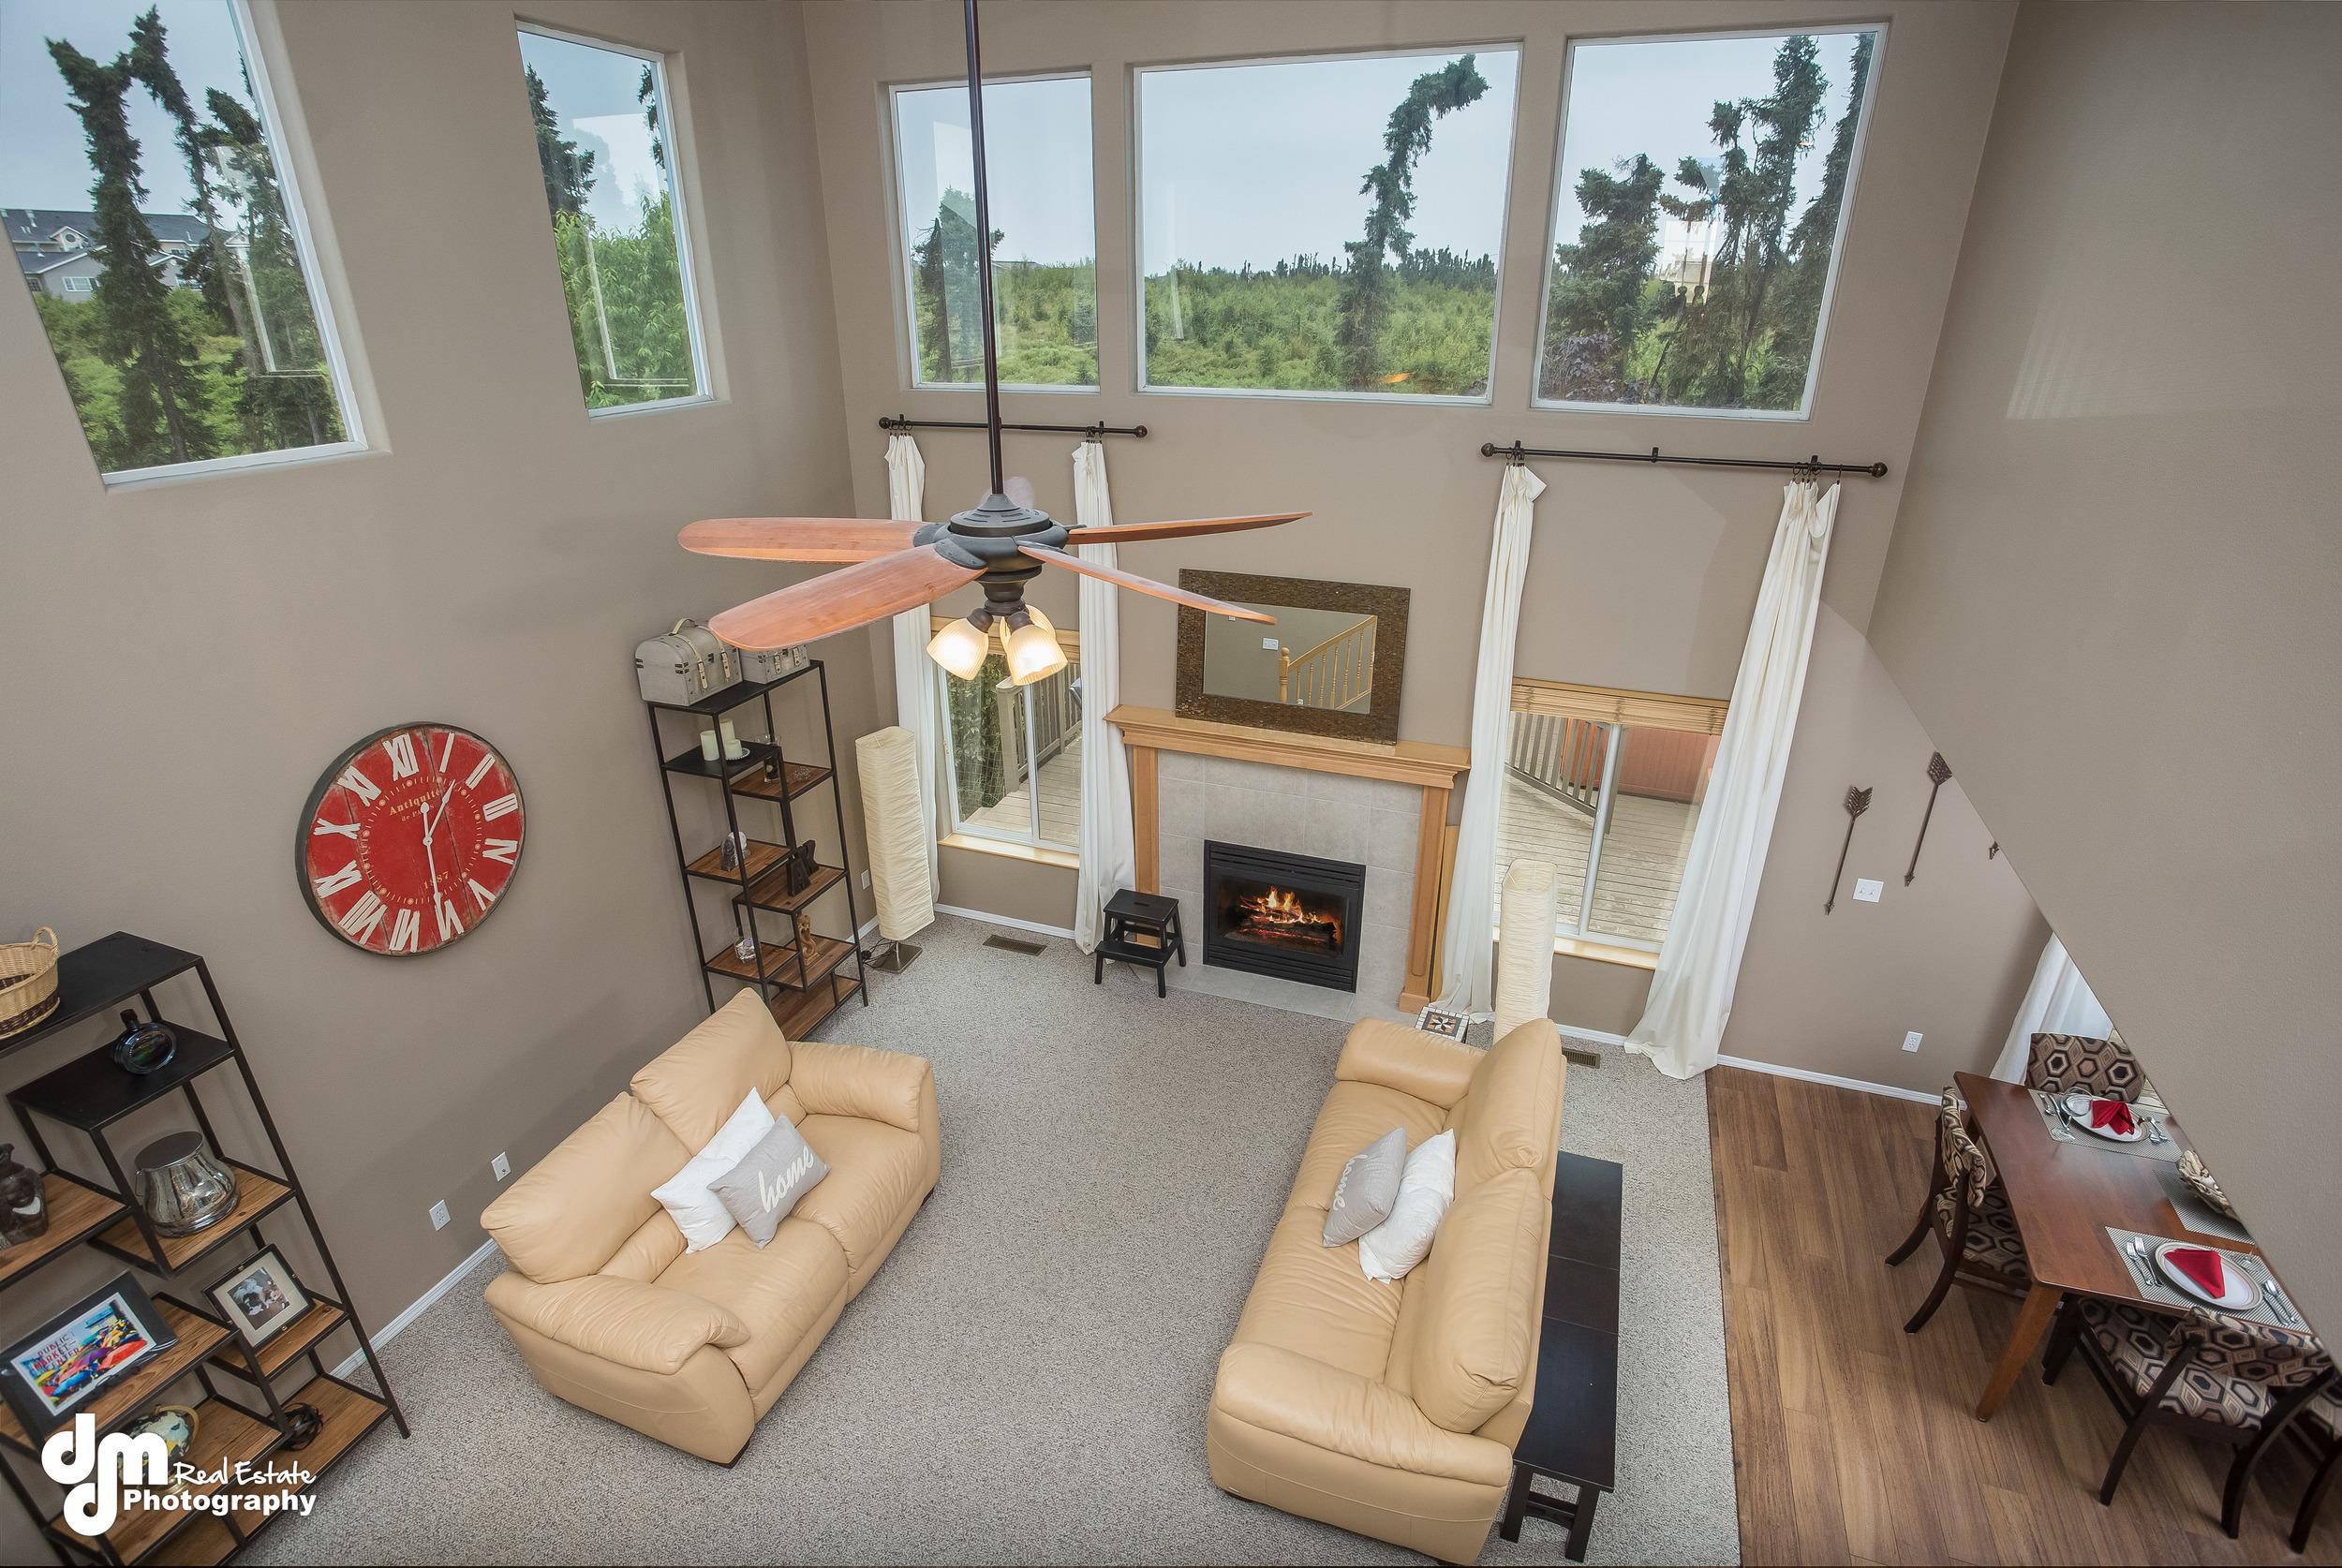 Living Room_DMD_6740.jpg